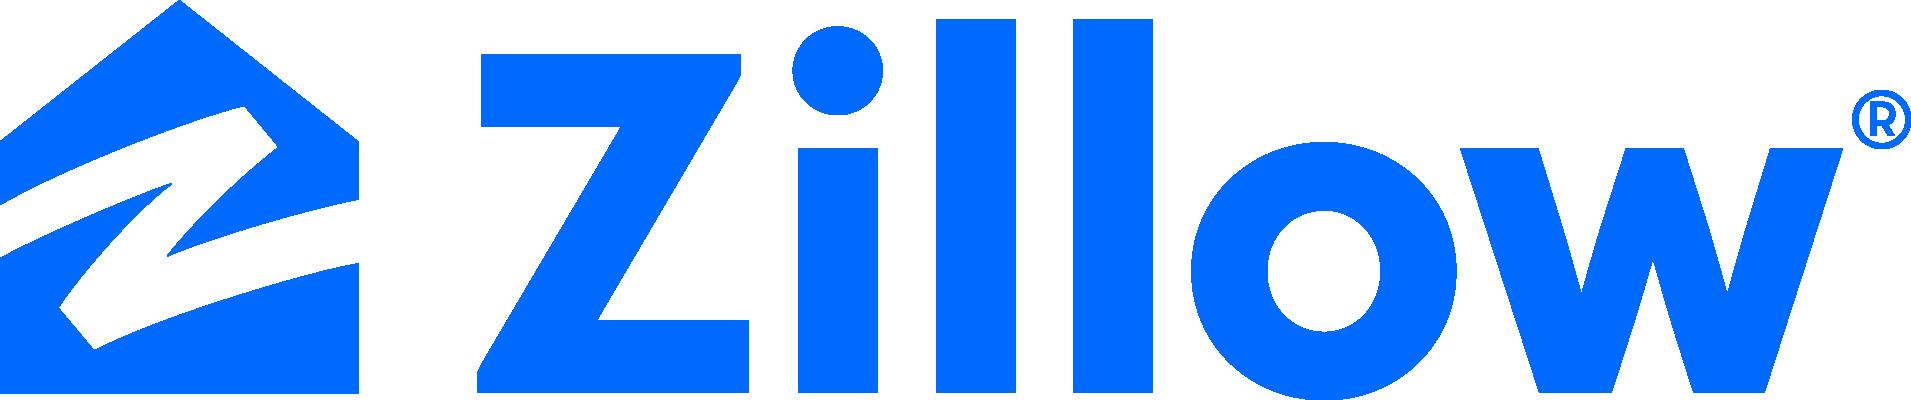 Zillow_Wordmark_Blue_High Res